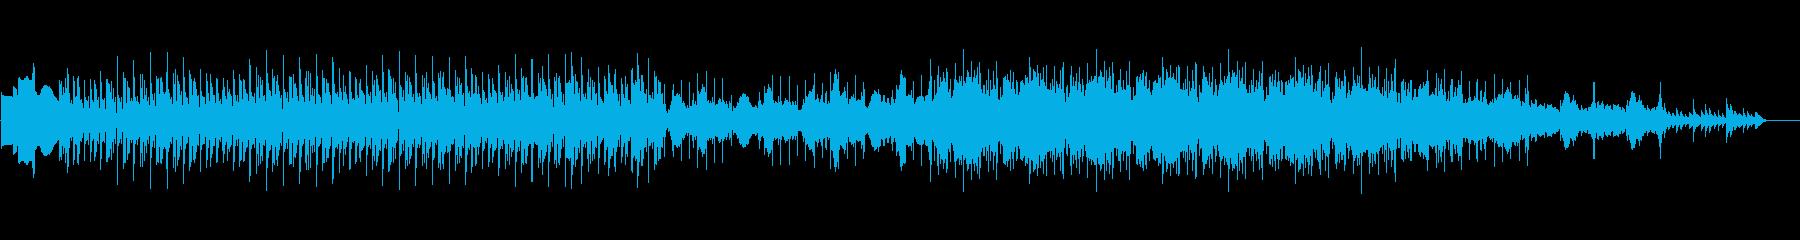 クリスマス時期のローファイヒップホップの再生済みの波形